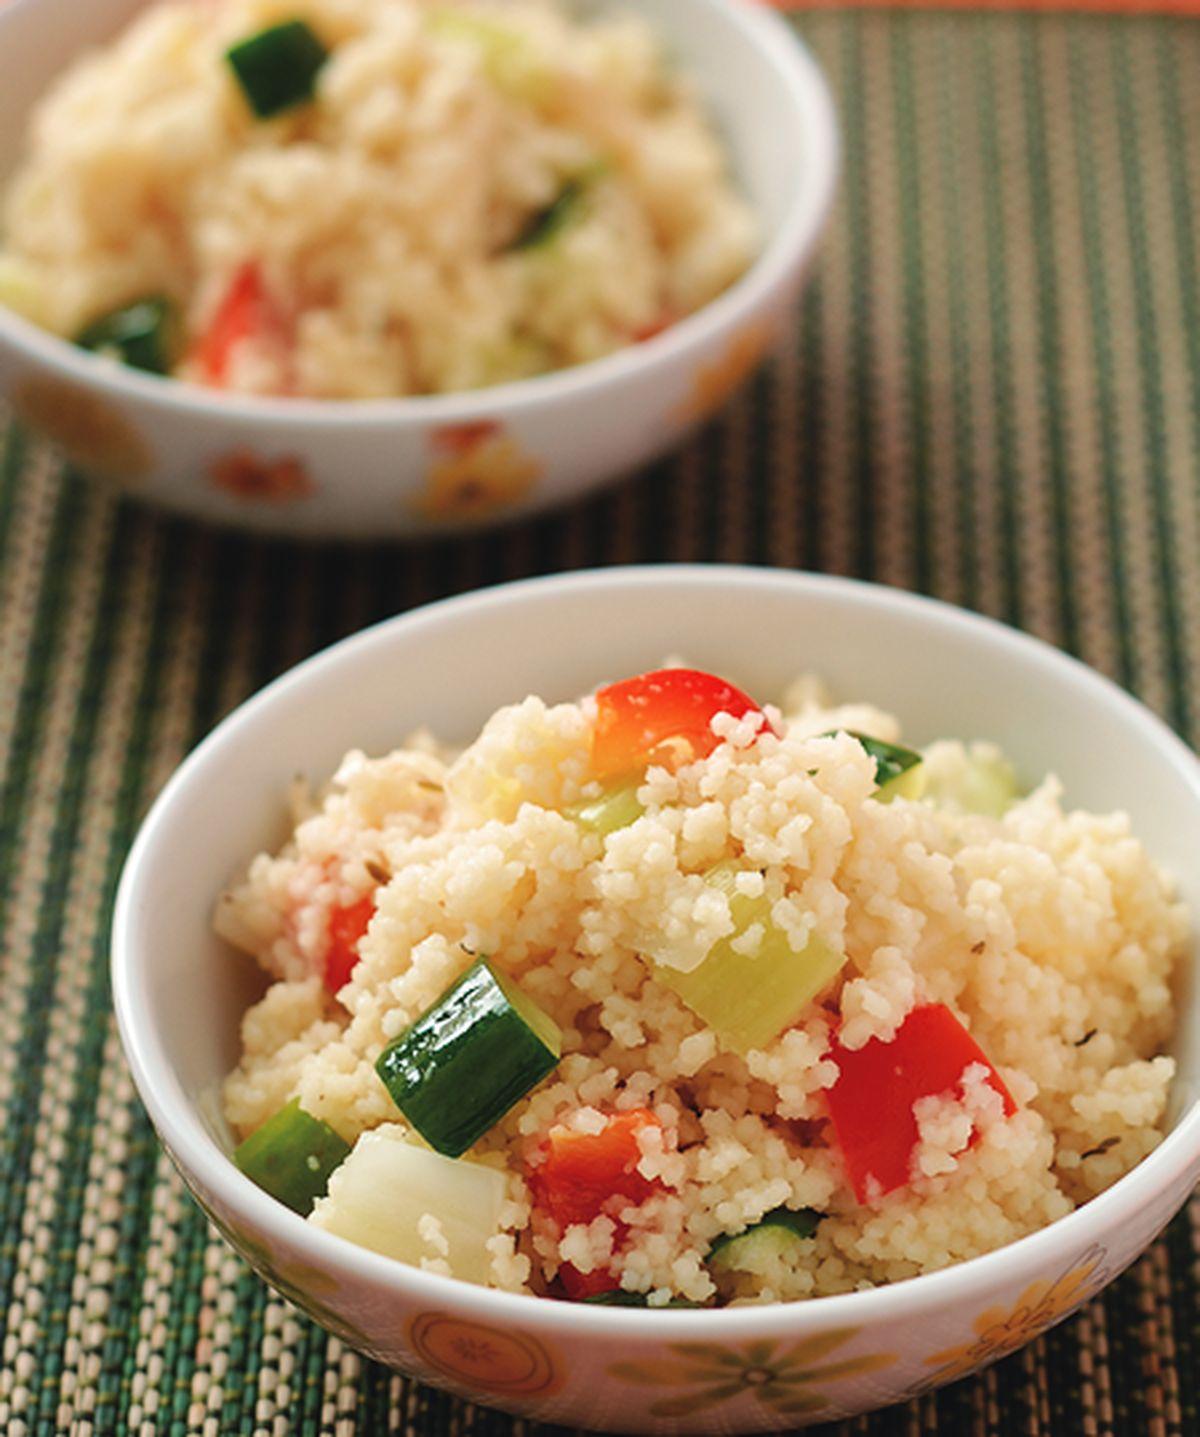 食譜:北非小米燉蔬菜